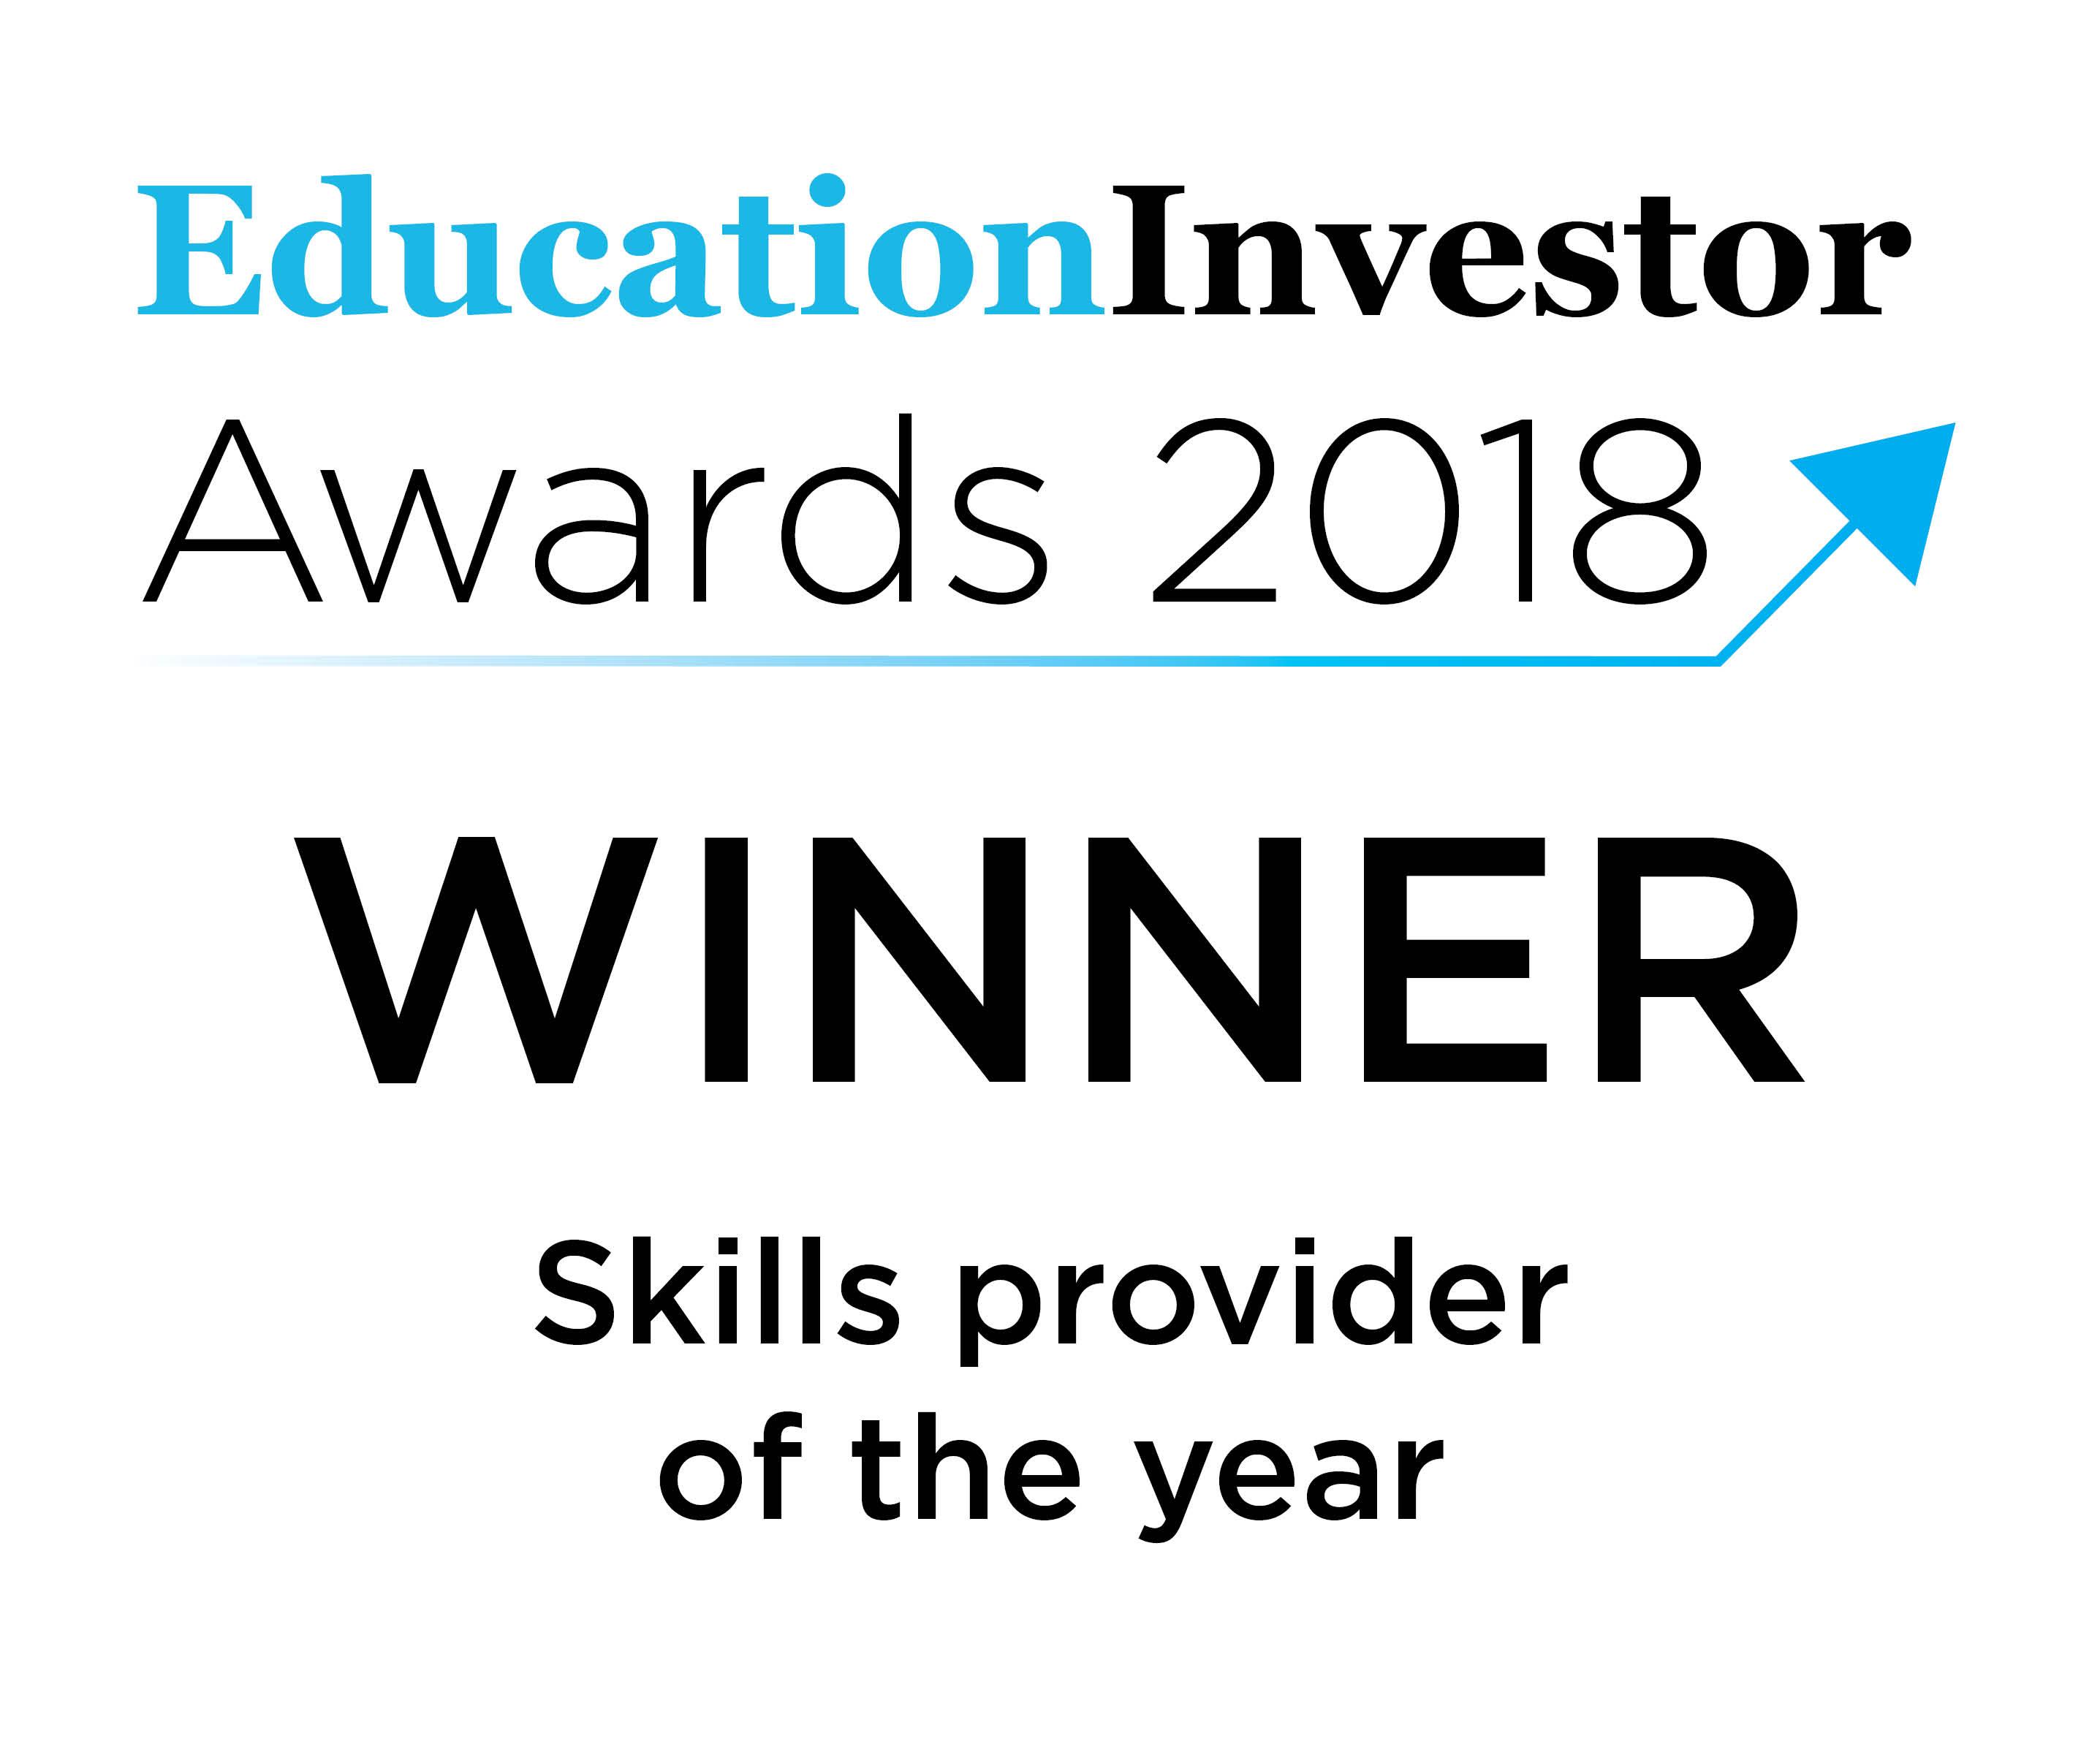 Education Investor Winner 2018